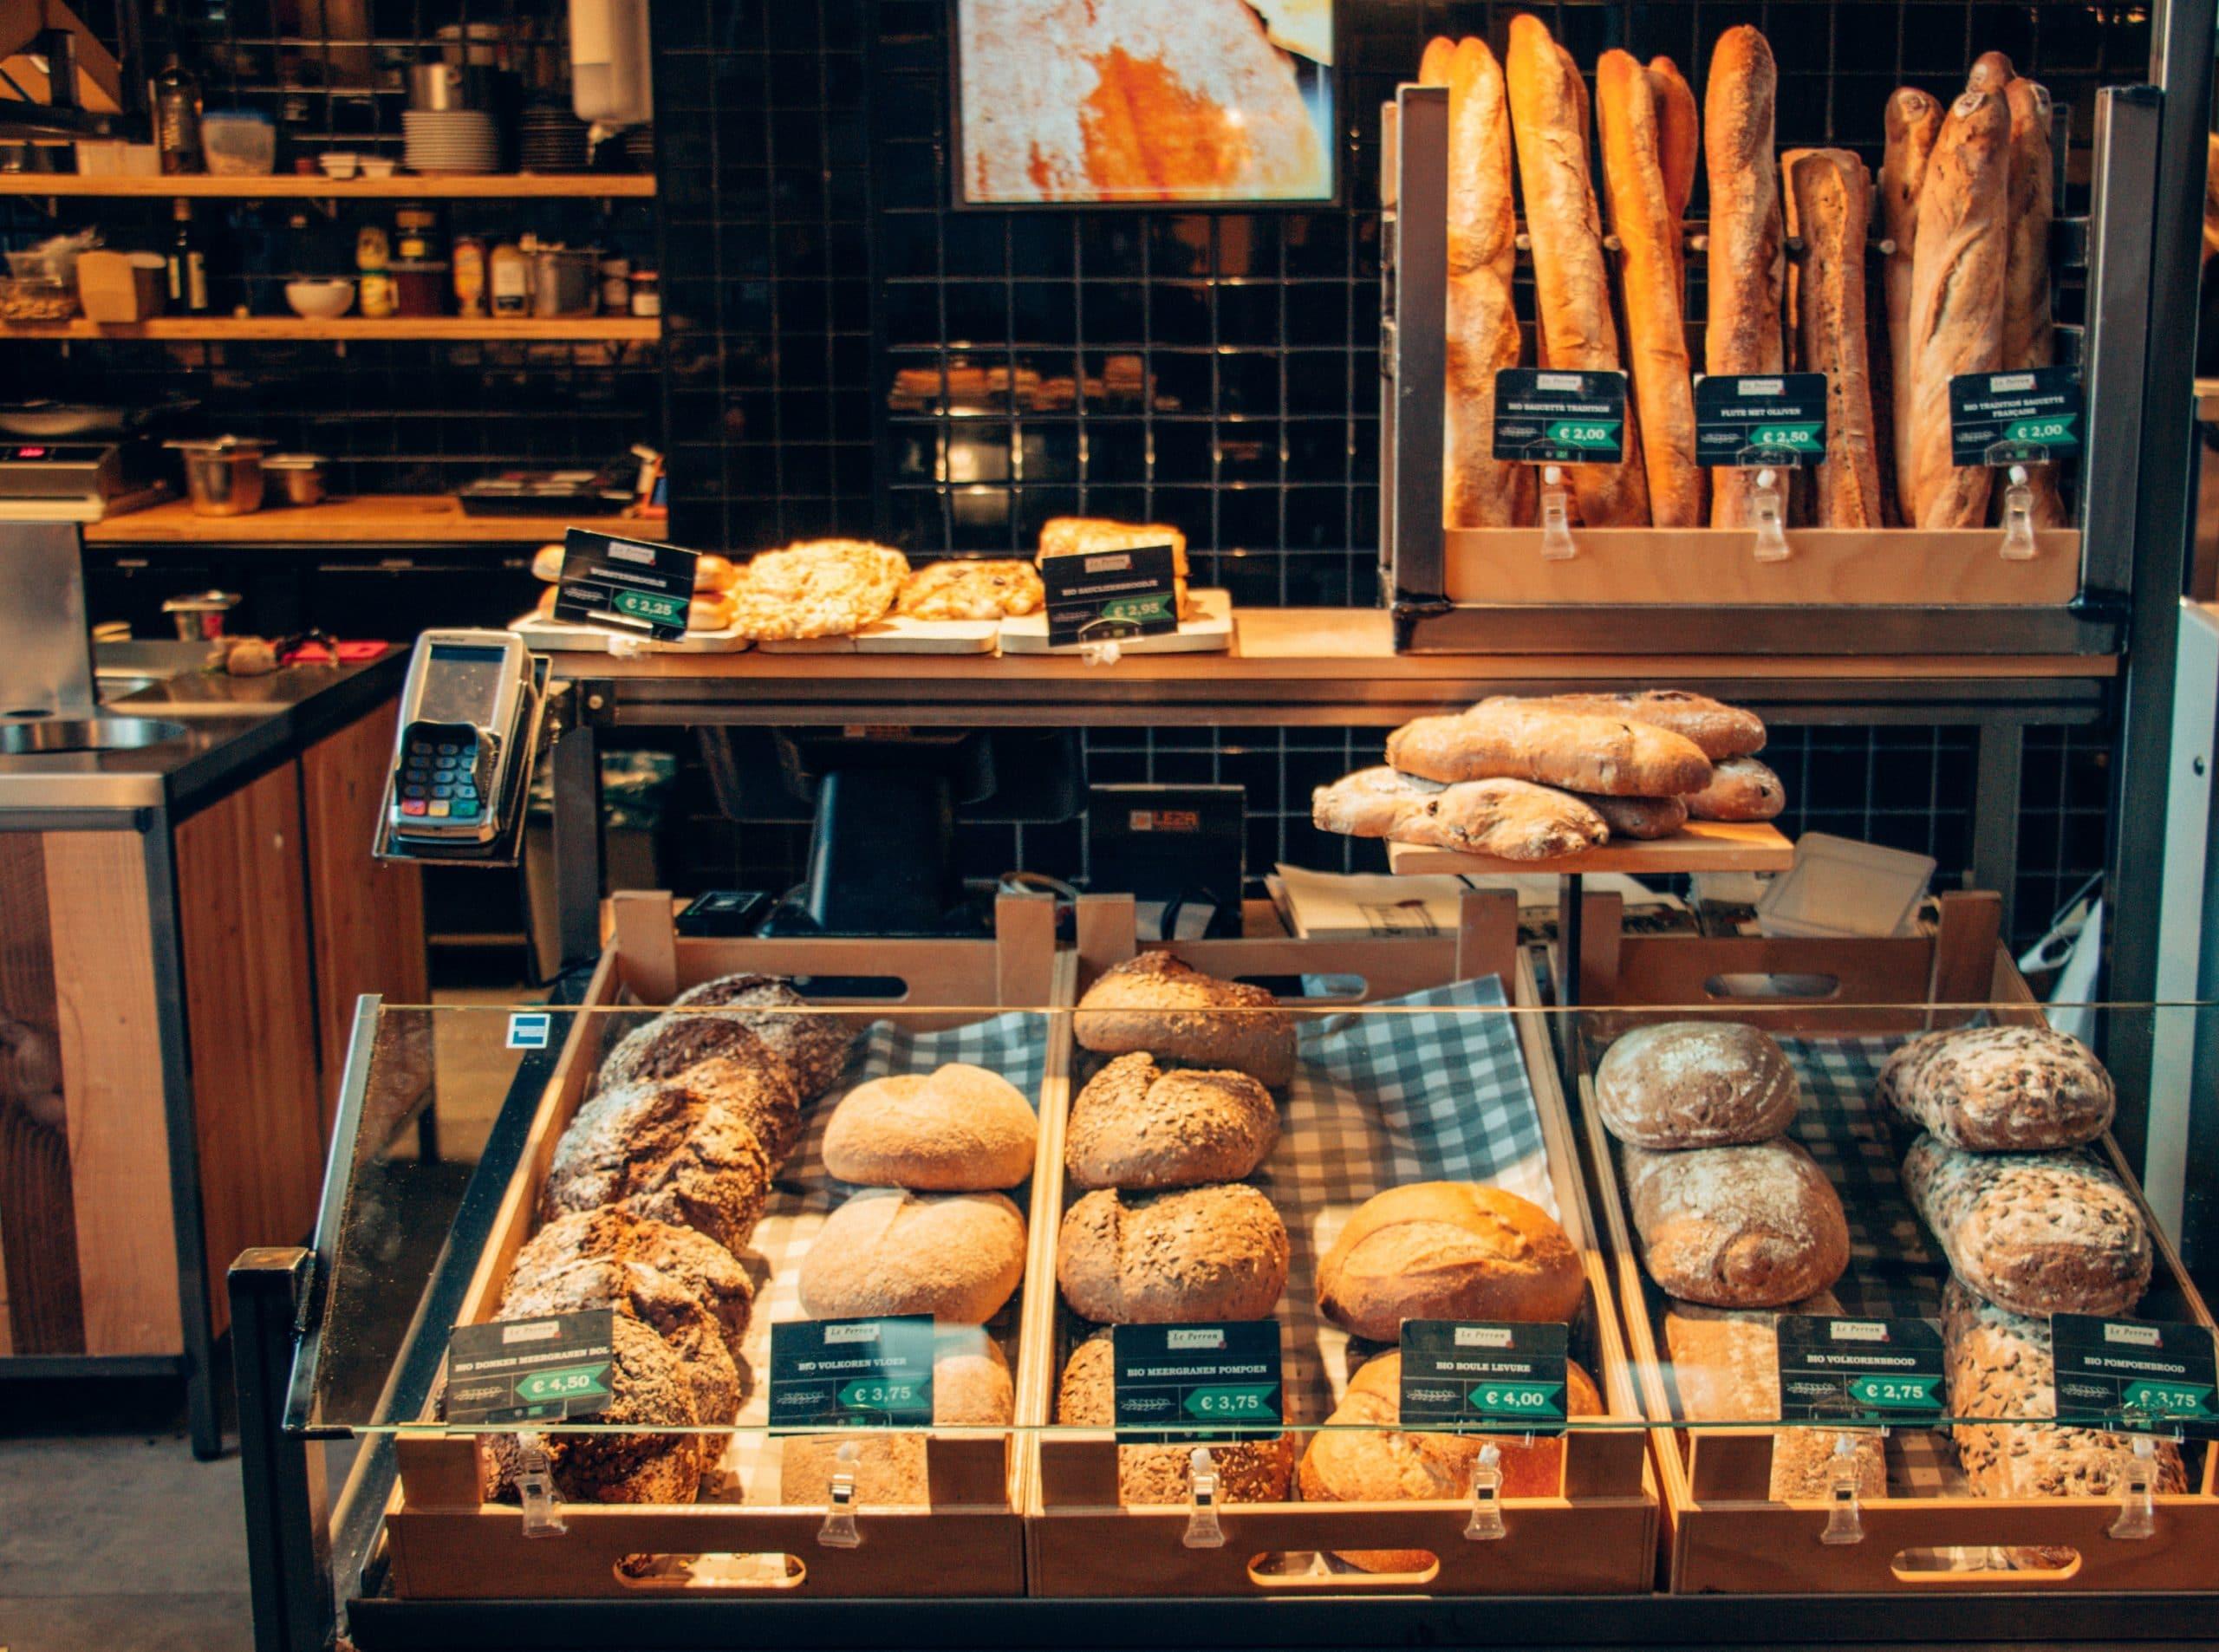 vitrine-boulanger-pain-commerce